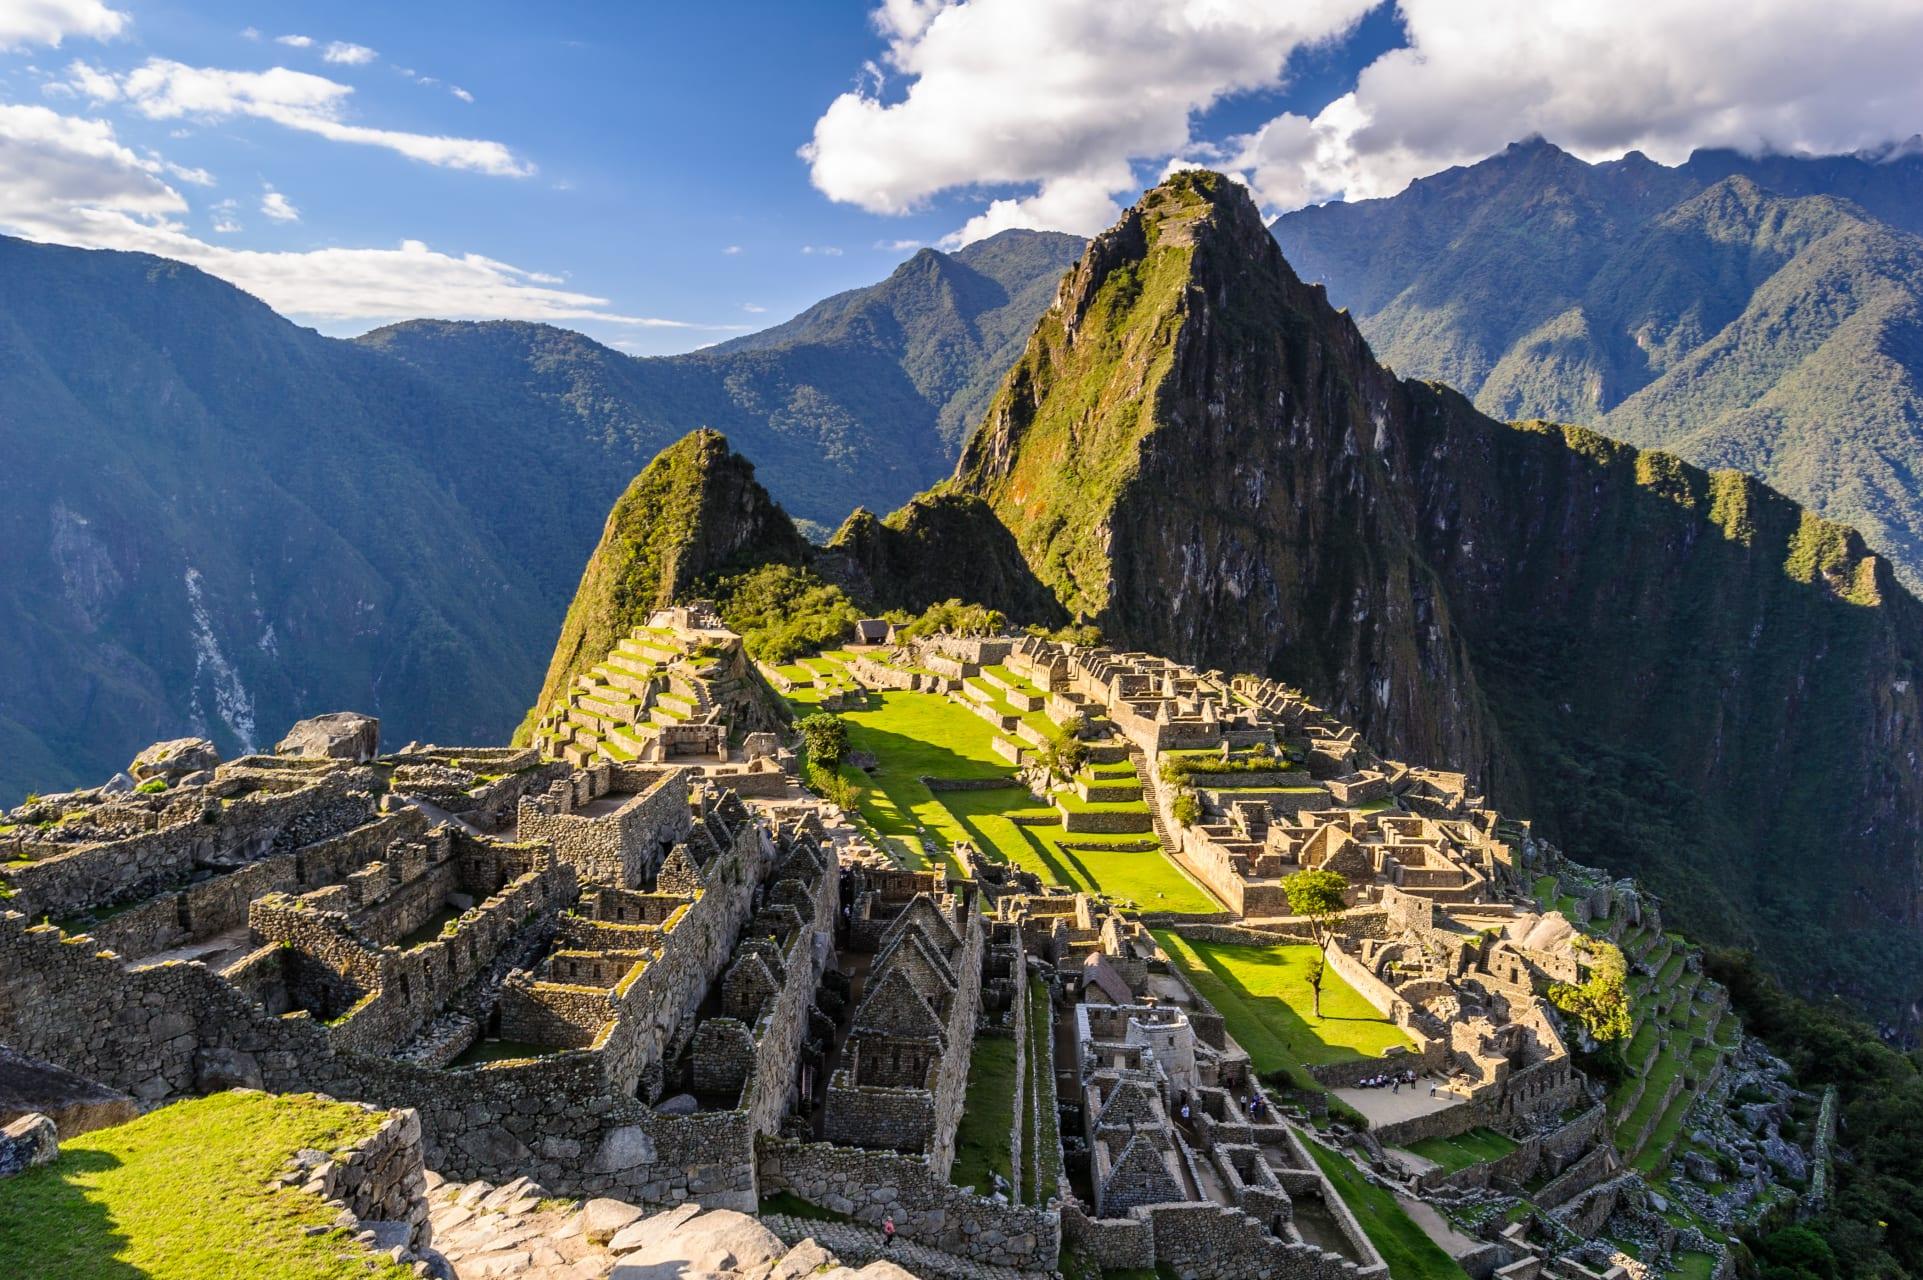 Machu Picchu - Machupicchu: The Lost City of the Incas